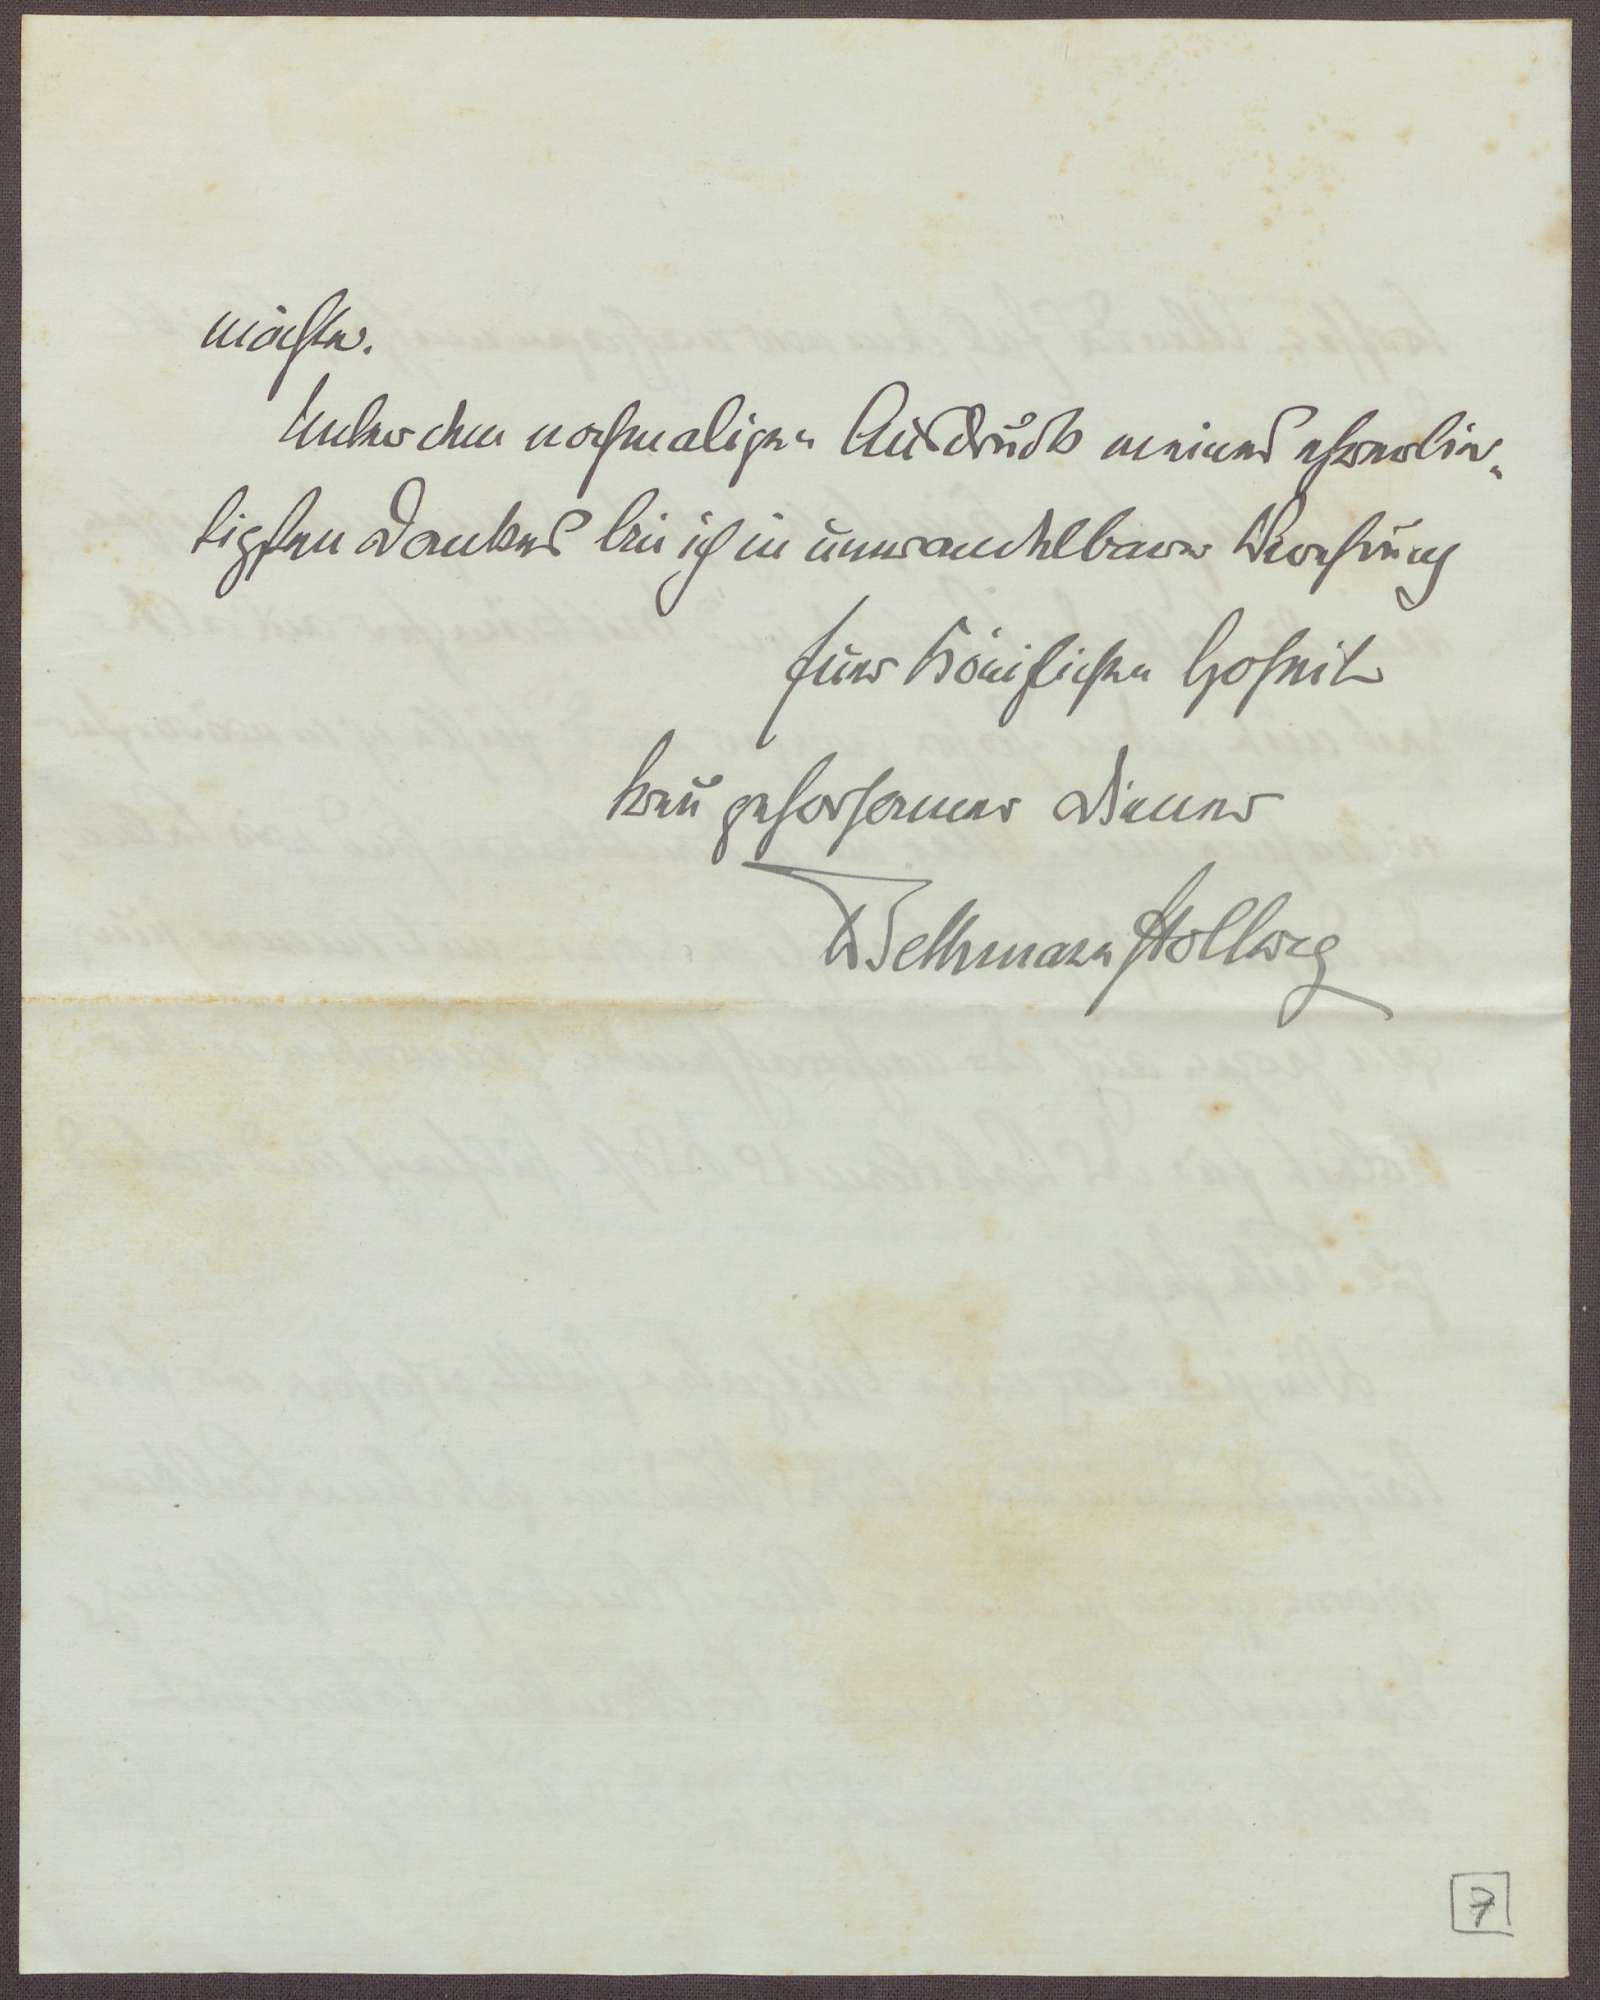 Schreiben von Theobald von Bethmann Hollweg an die Großherzogin Luise; Tod von Adolf Marschall von Biberstein, Bild 3